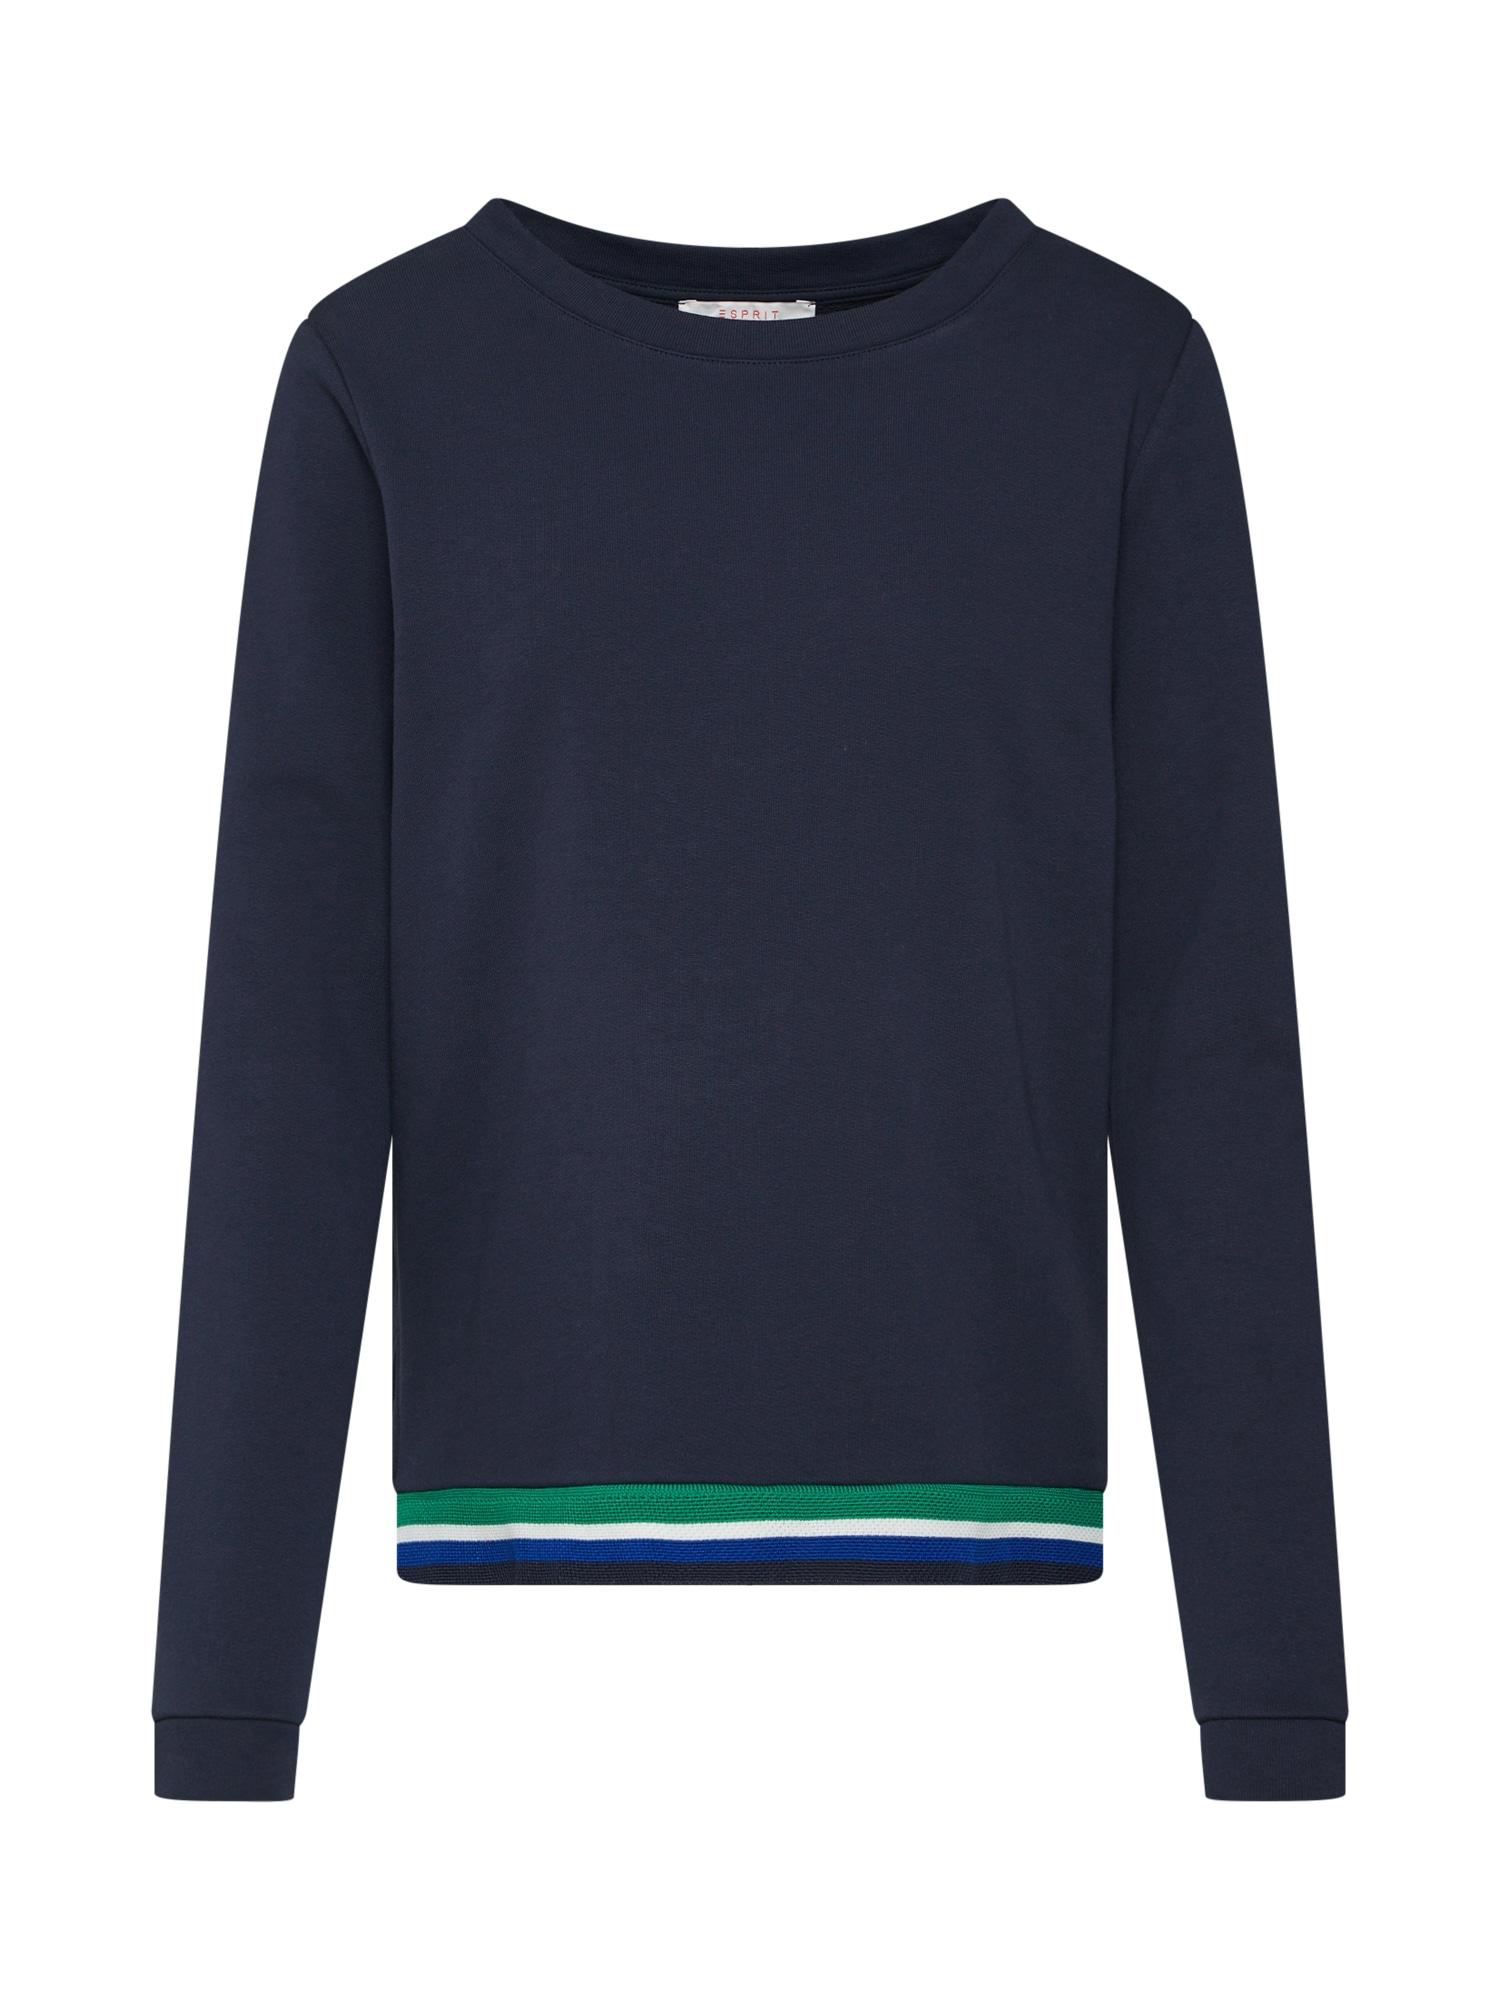 Mikina béžová modrá námořnická modř zelená bílá ESPRIT